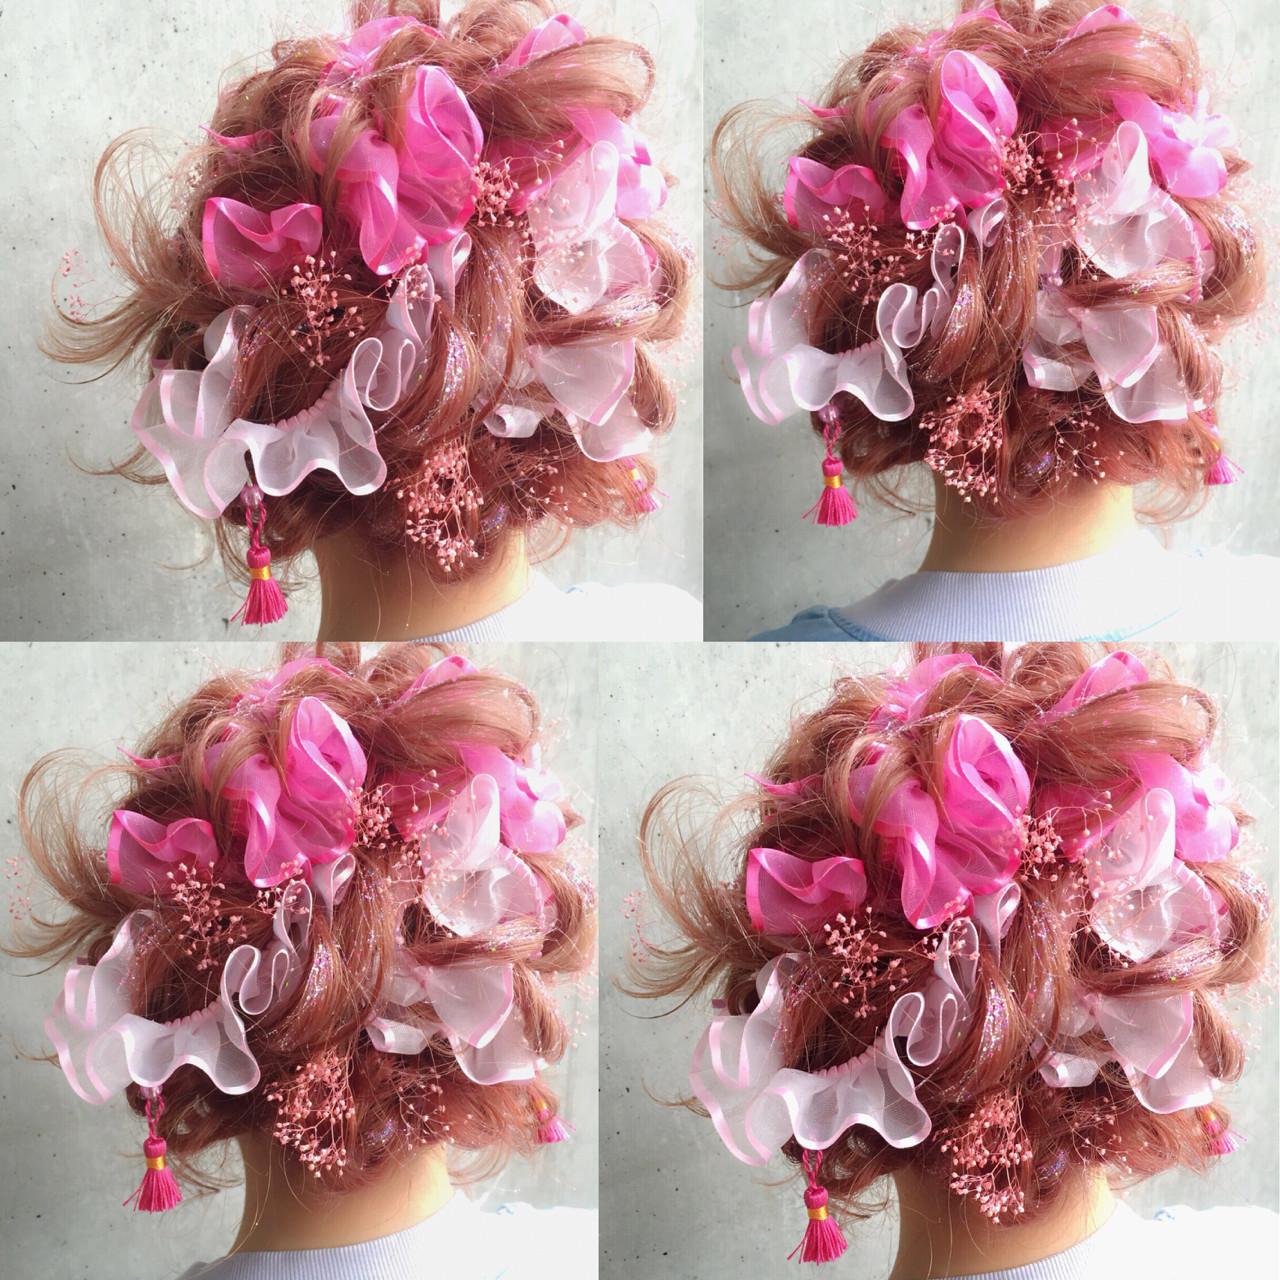 ゆるふわ ハーフアップ ショート ミディアム ヘアスタイルや髪型の写真・画像 | MOTAI / Wille / Wille